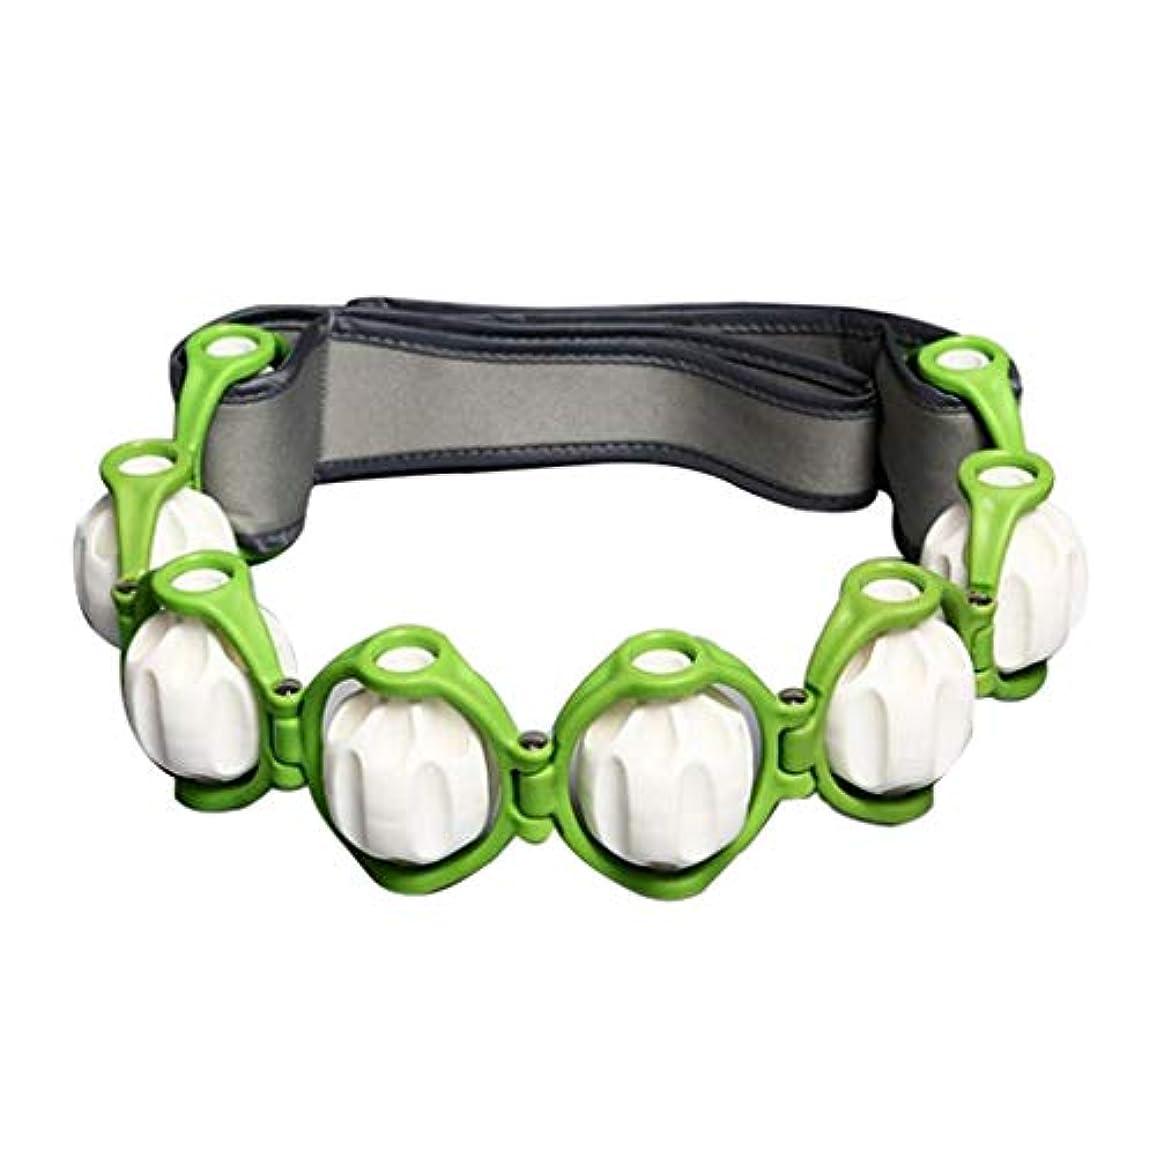 トラフィック直径議題ボディマッサージローラー ロープ ショルダー ネック フット マッサージツール 4色選べ - 緑, 説明したように